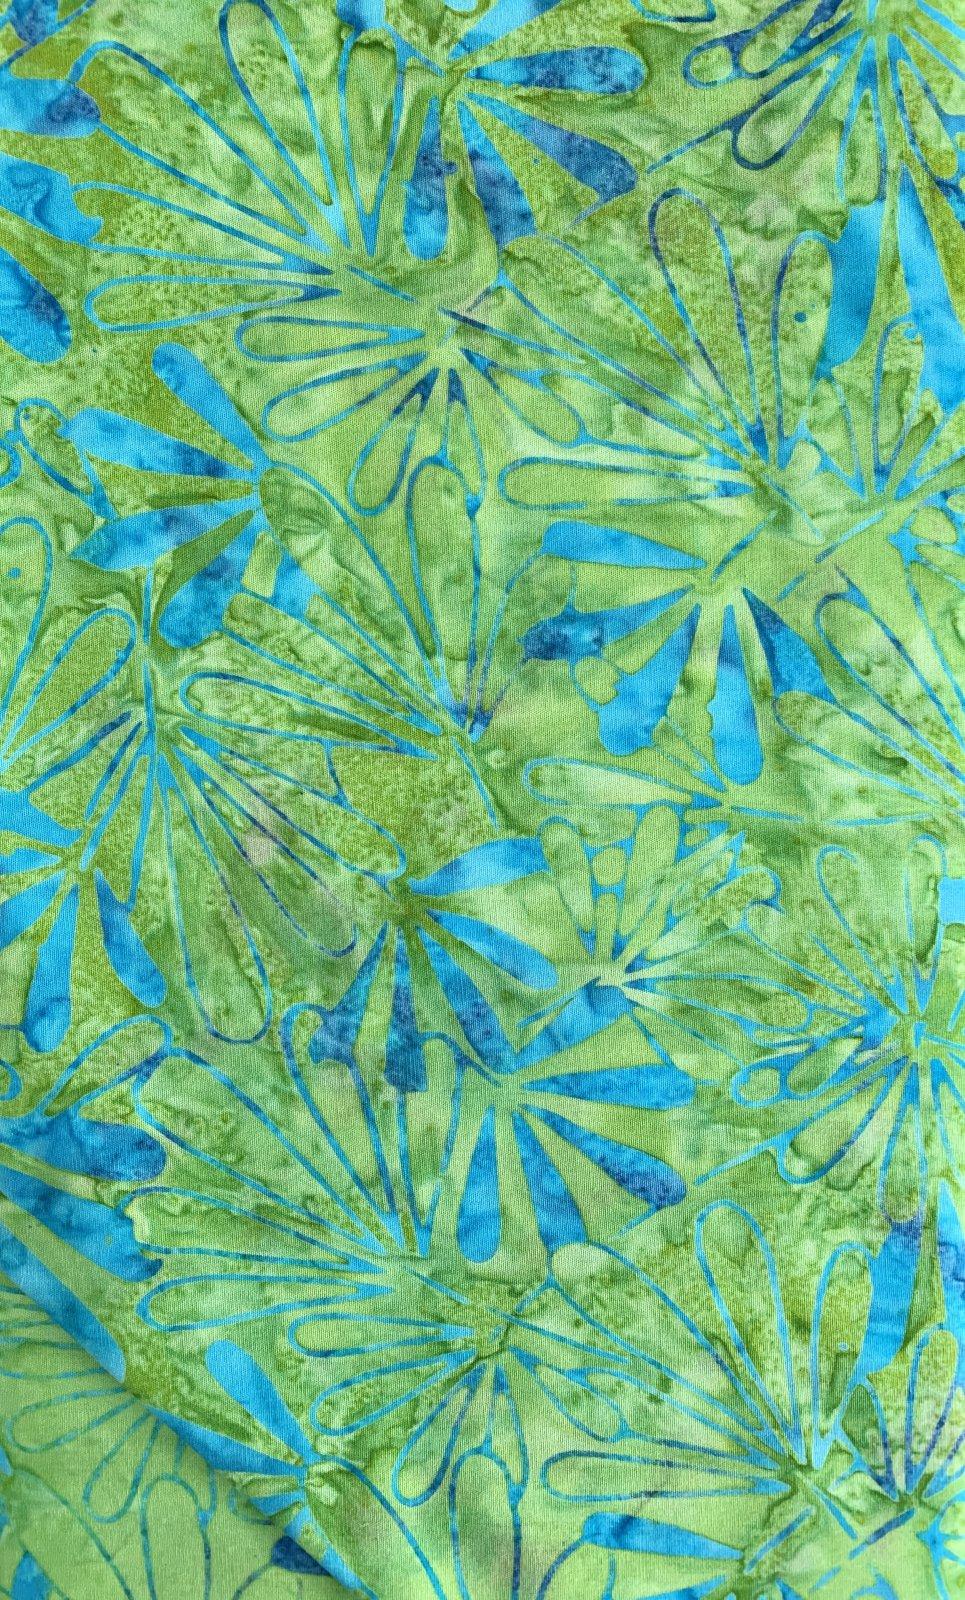 Green grass aqua flower batik